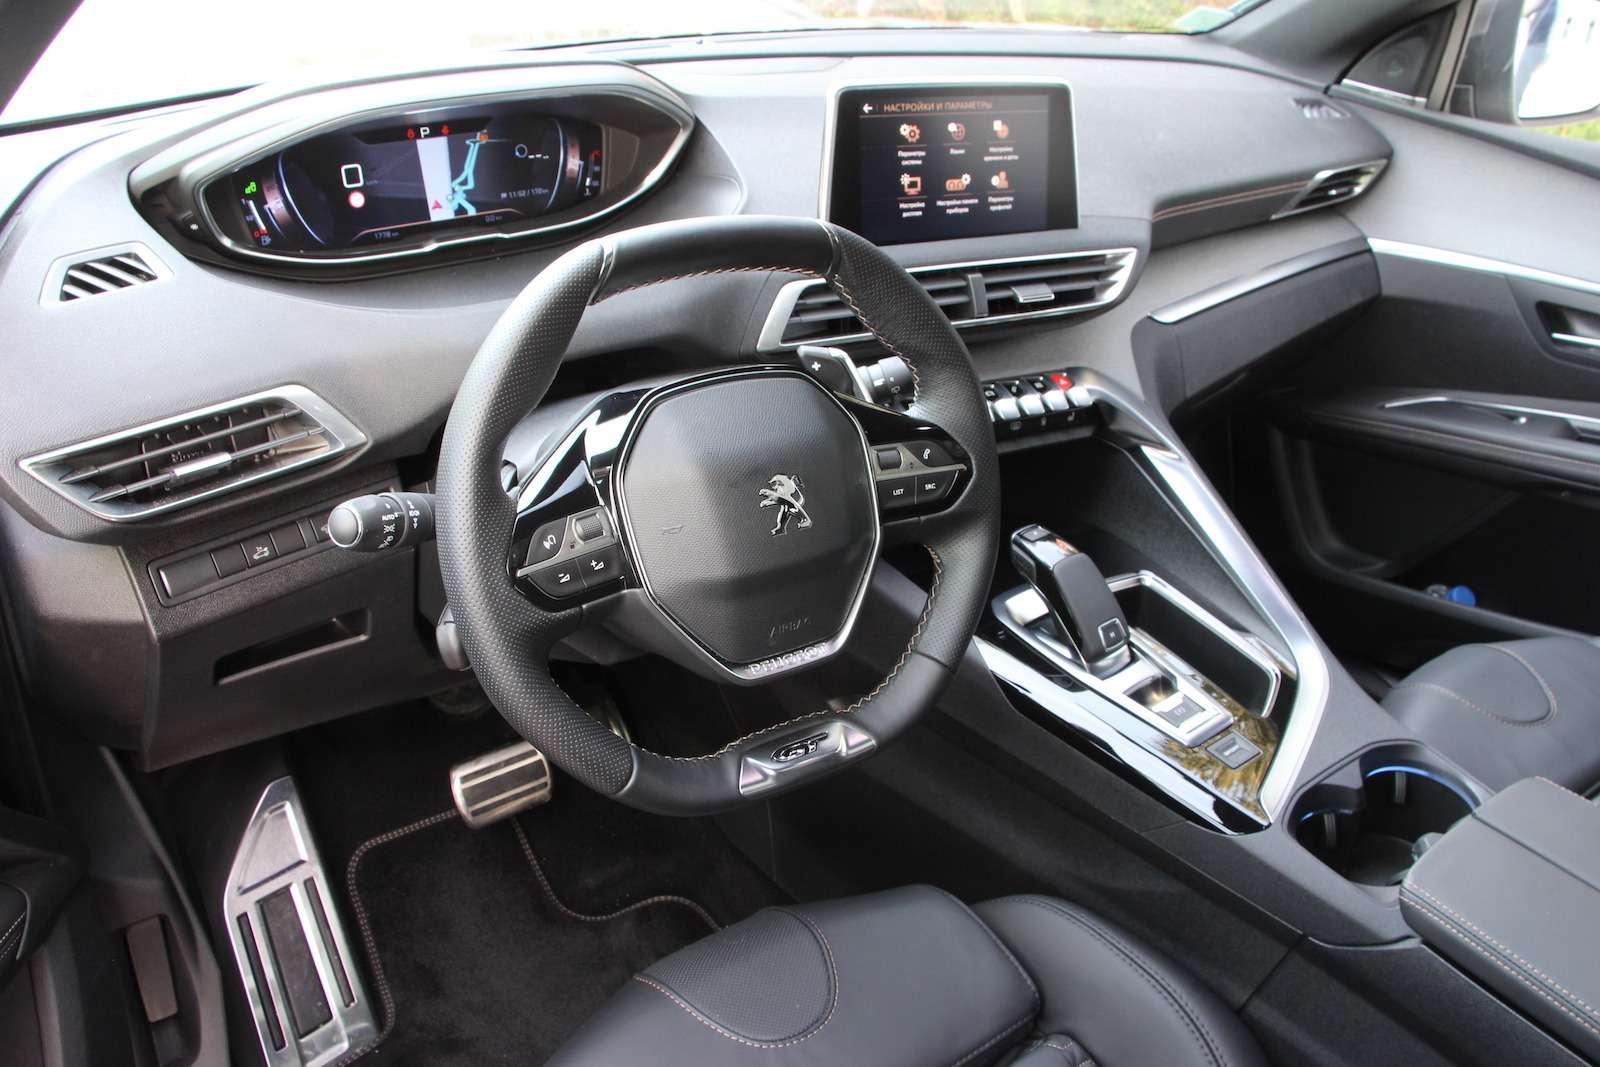 Оператив ЗР: зачем «опаркетили» Peugeot 5008?— фото 714301